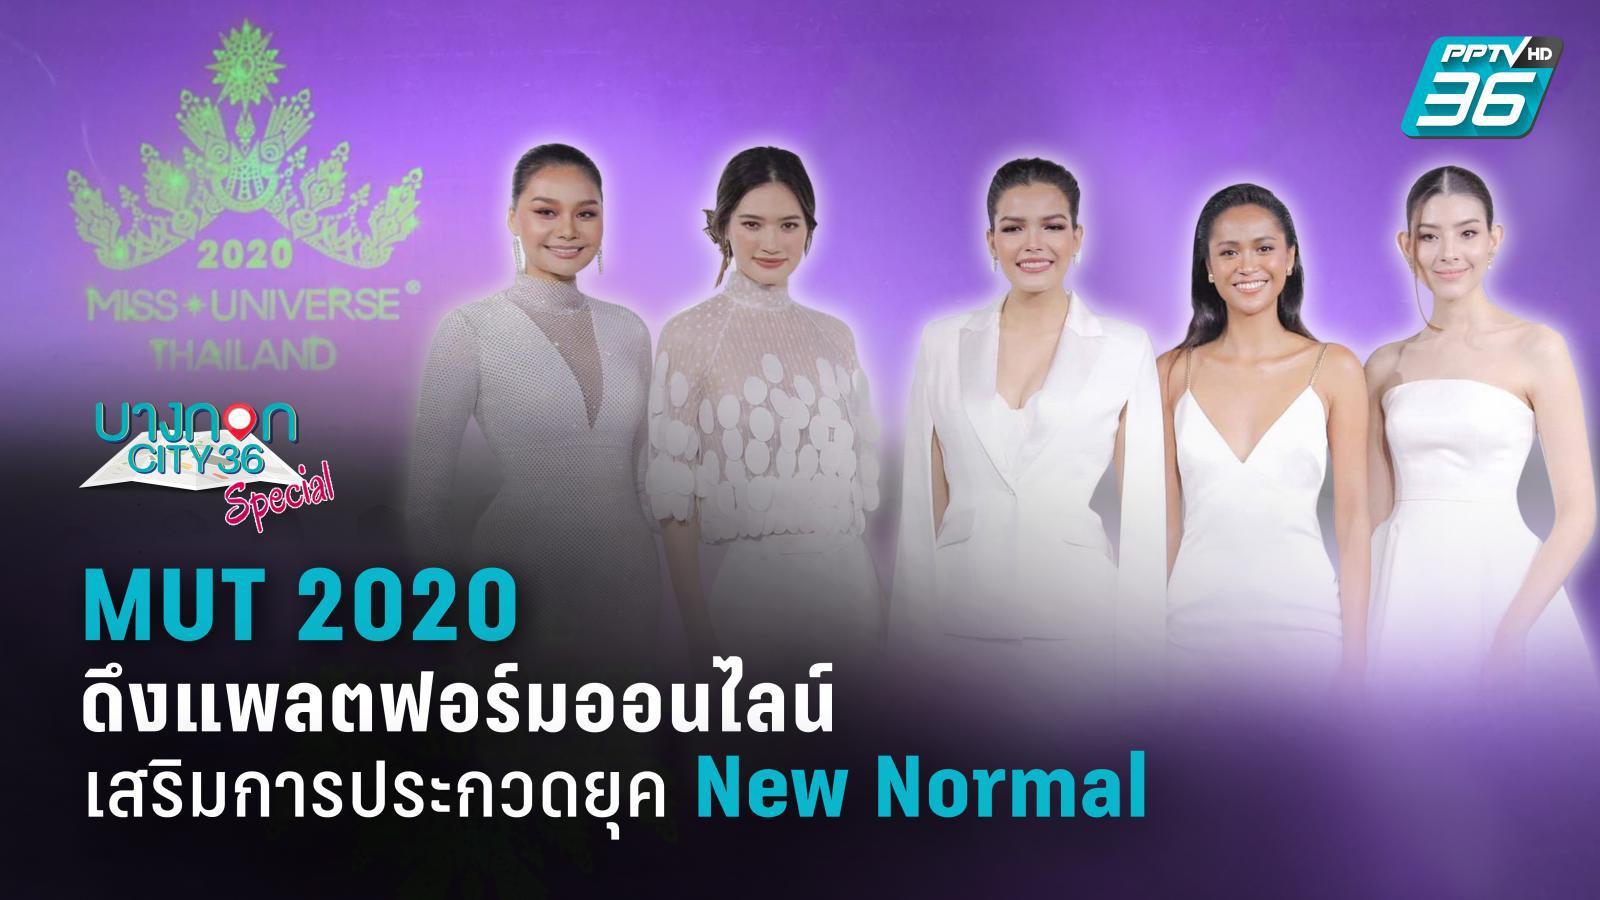 Miss Universe Thailand 2020 ดึงแพลตฟอร์มออนไลน์เสริมการประกวดยุค New Normal